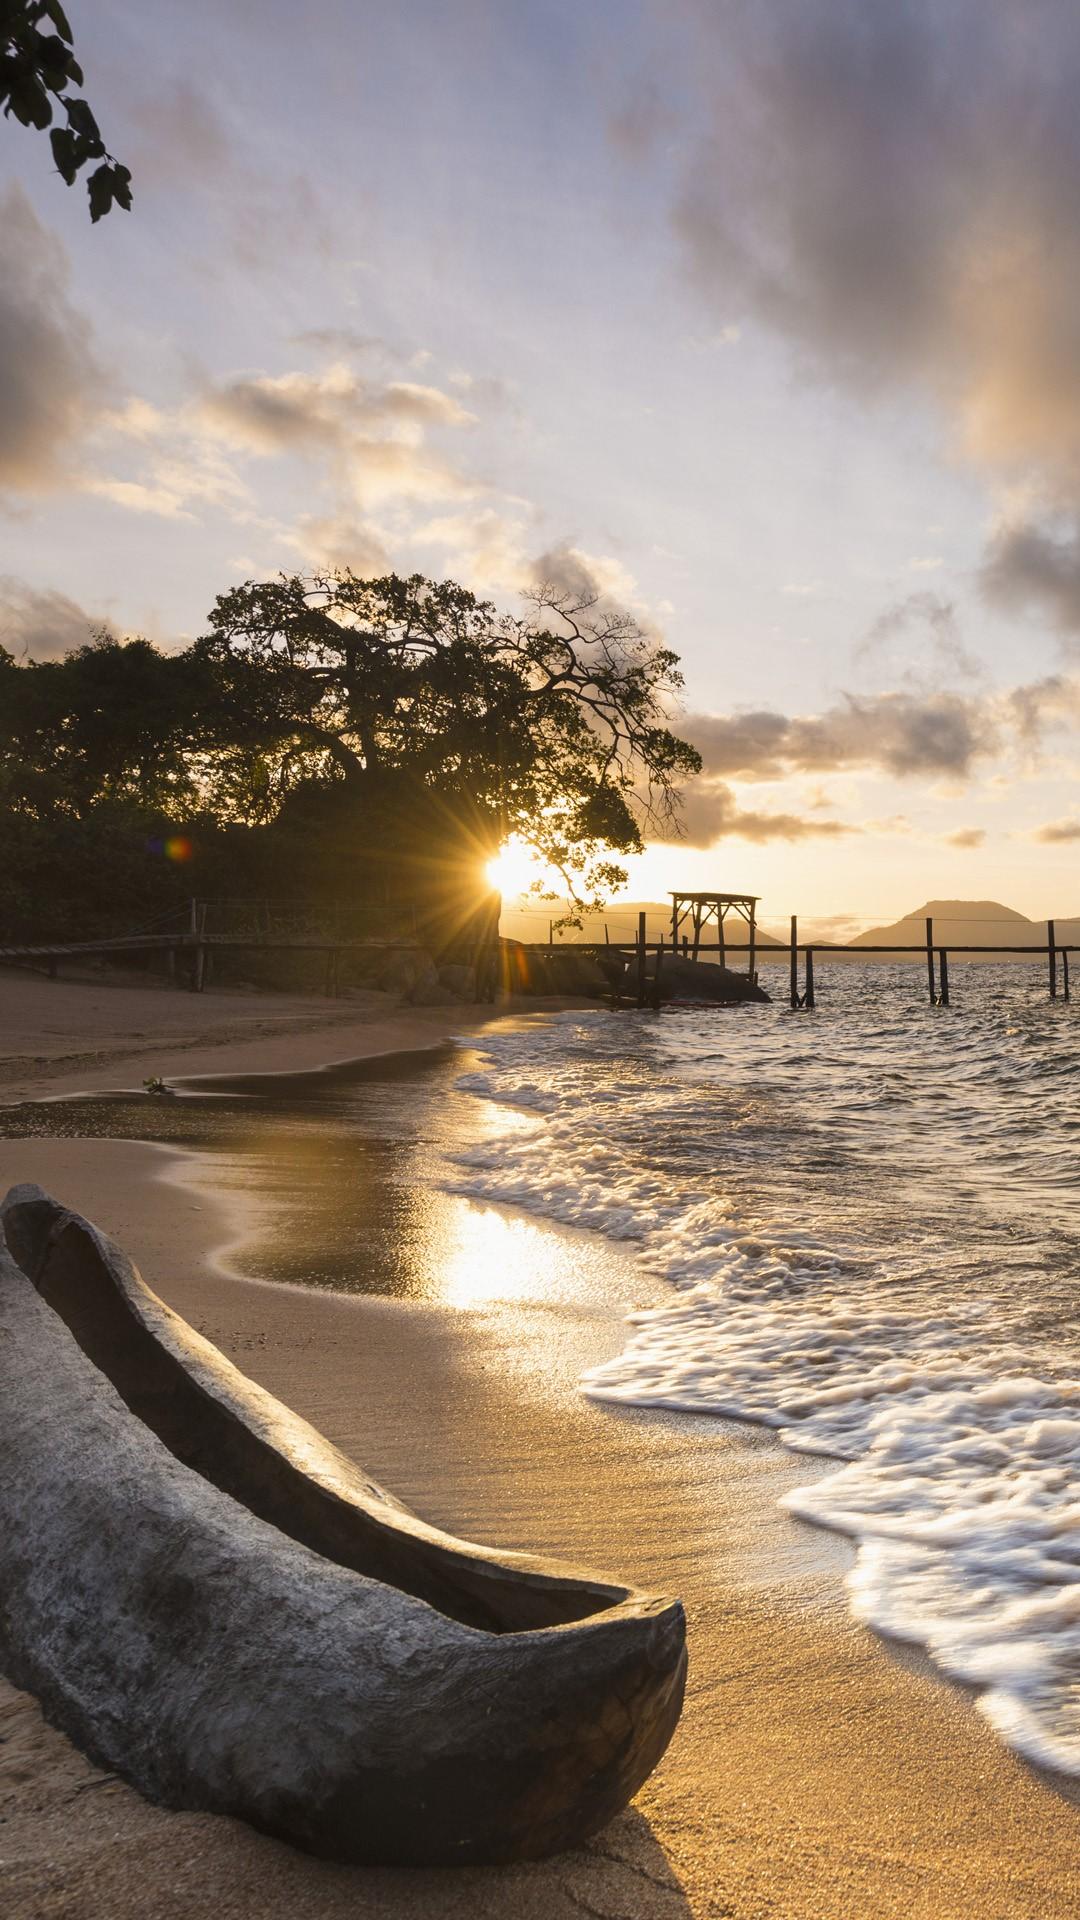 マラウイ湖国立公園の画像 p1_32